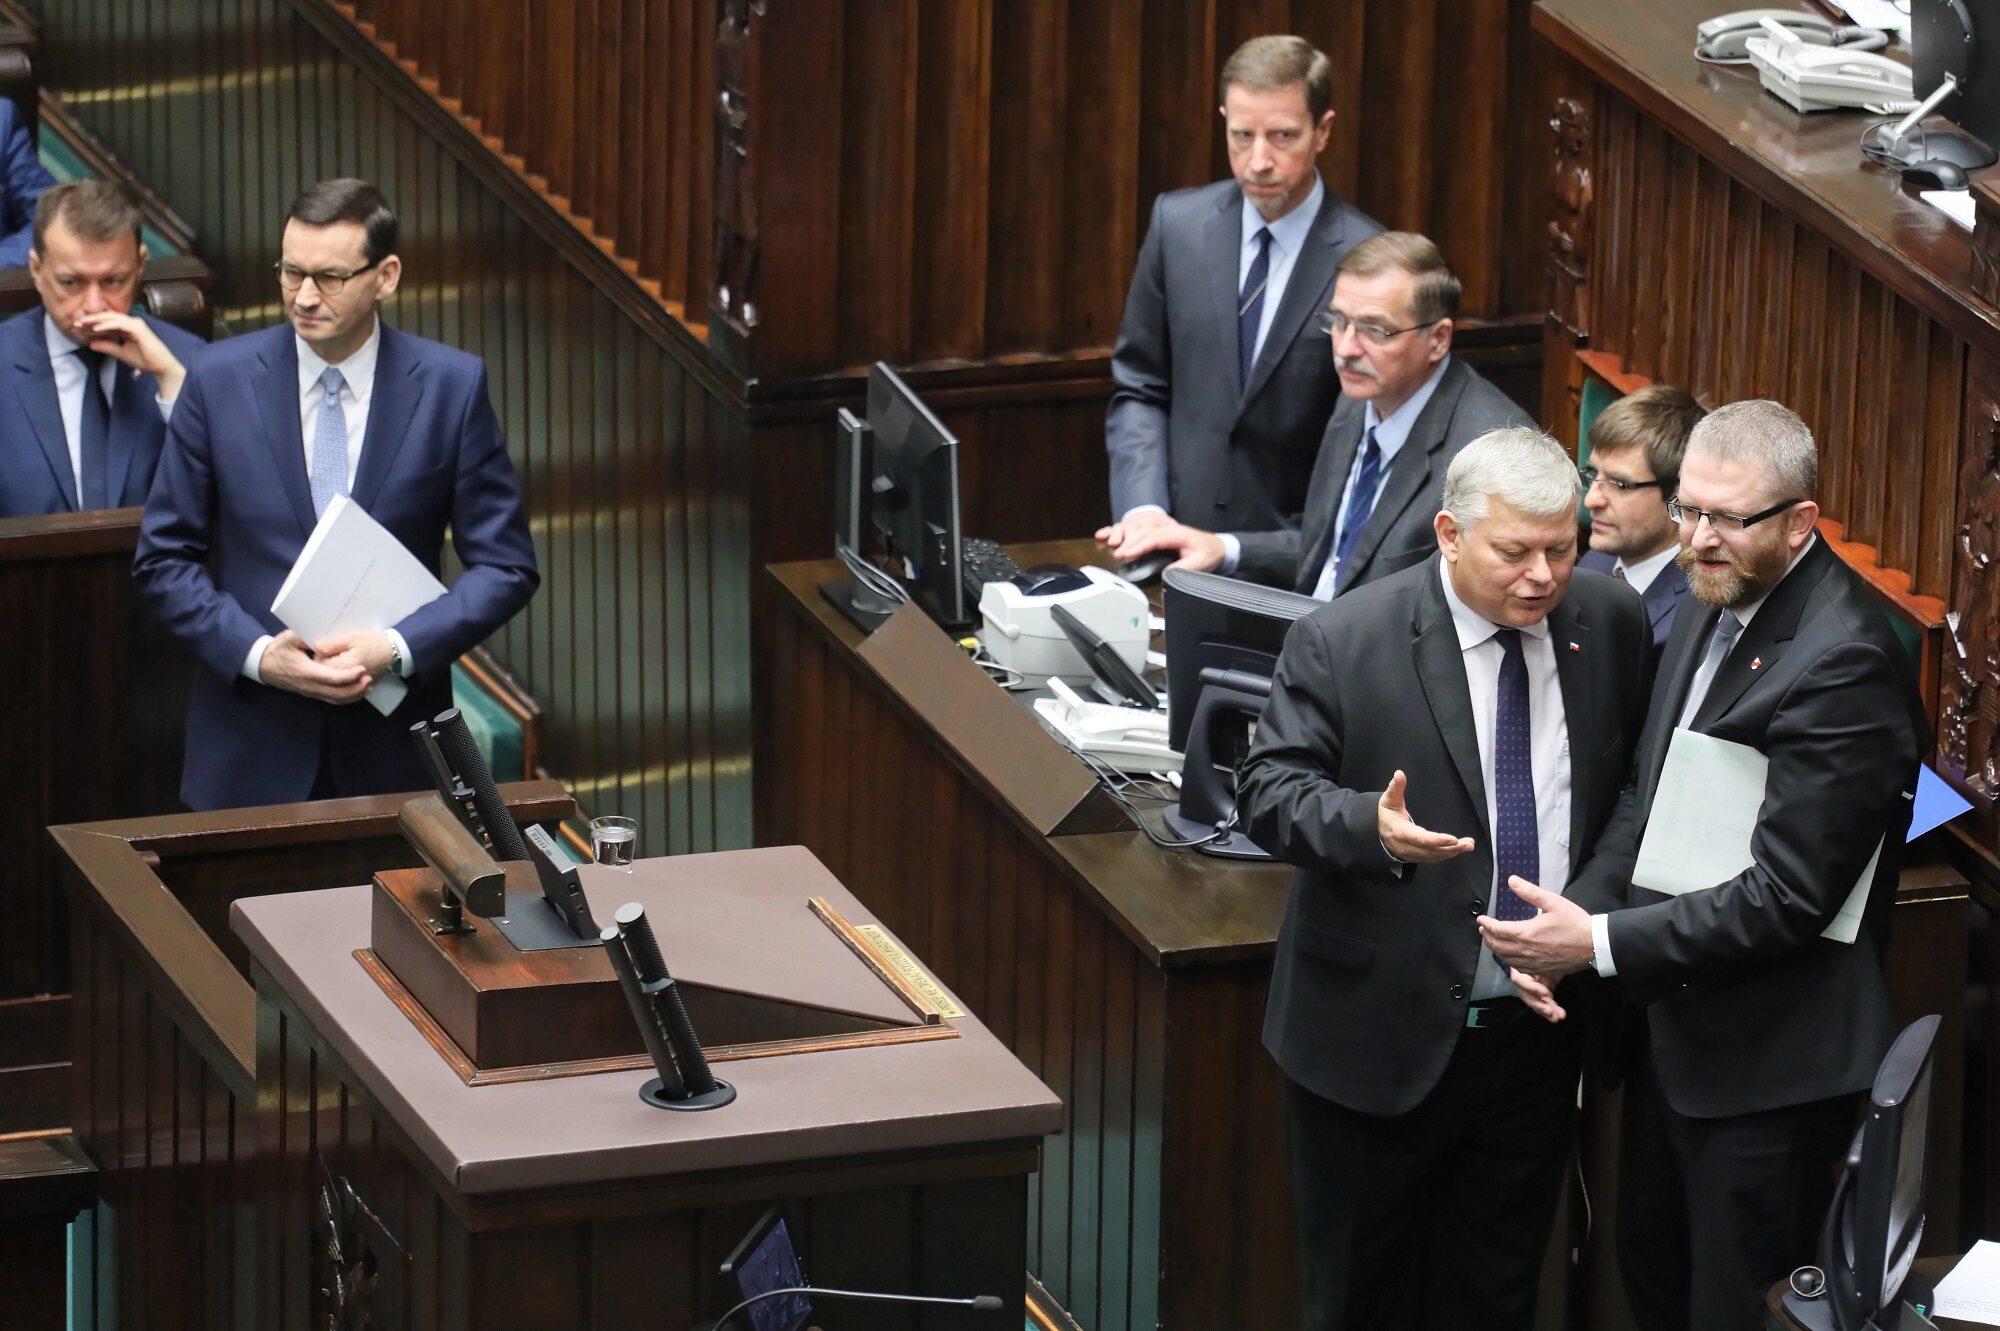 Poseł Konfederacji Grzegorz Braun (P), szef Gabinetu Politycznego Prezesa Rady Ministrów Marek Suski (2P) oraz premier Mateusz Morawiecki